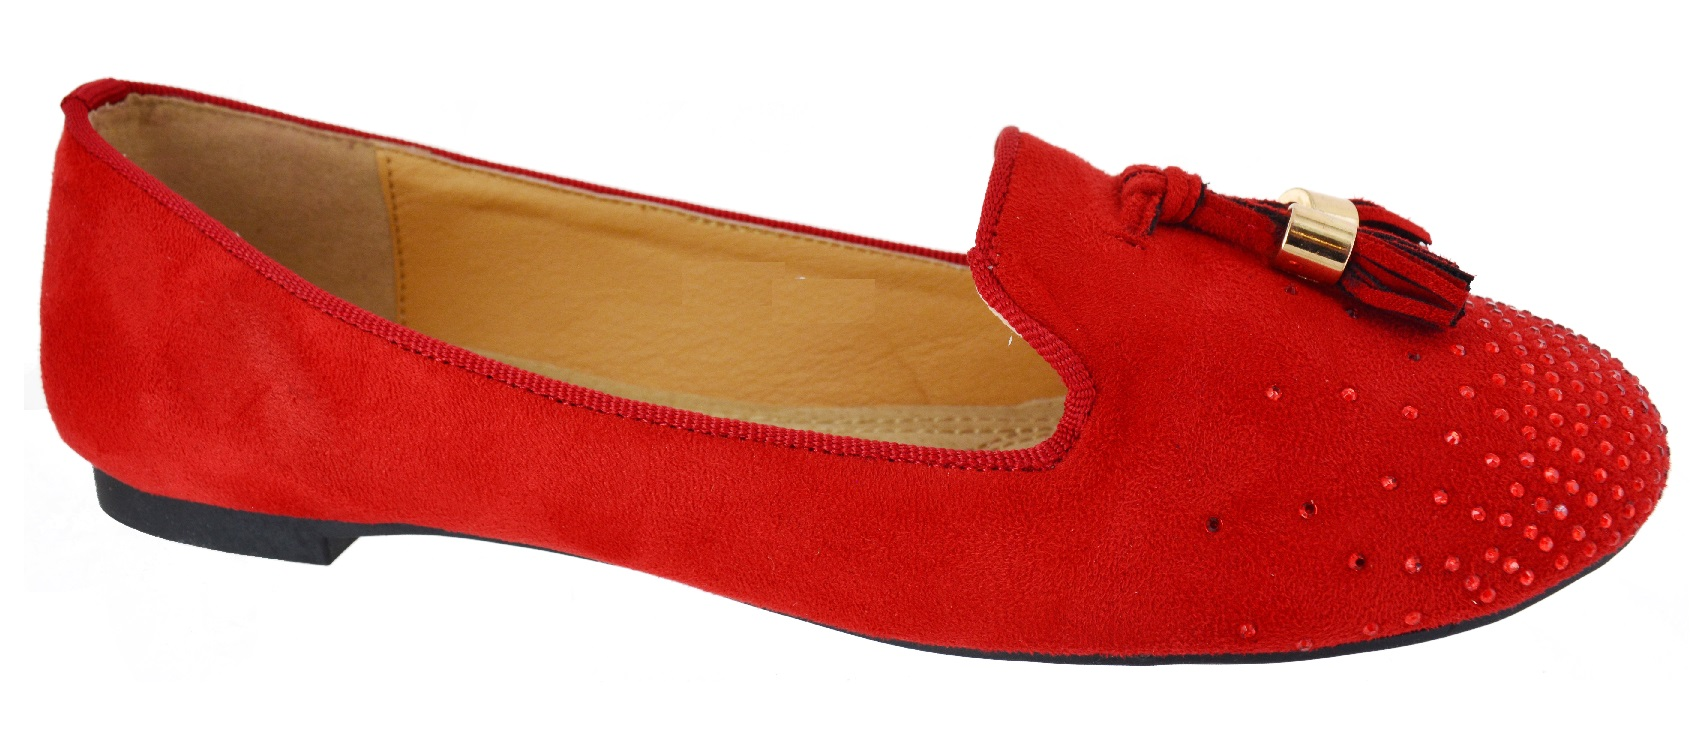 Black Tassel Shoes Size  Womans